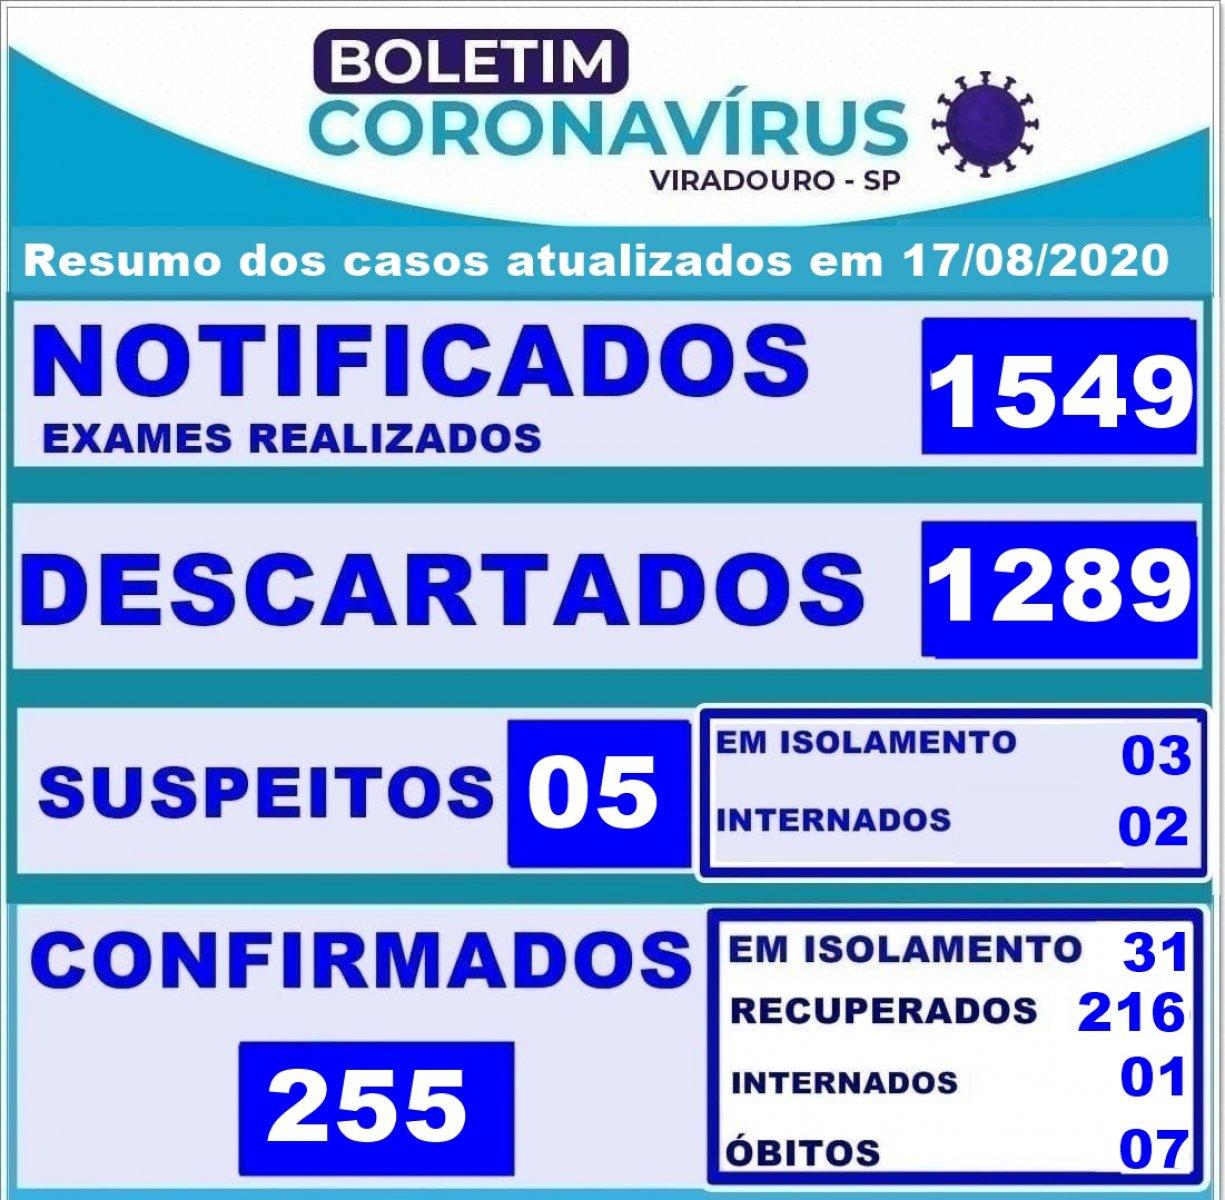 Boletim Epidemiológico Viradouro (Atualização 17/08/2020)